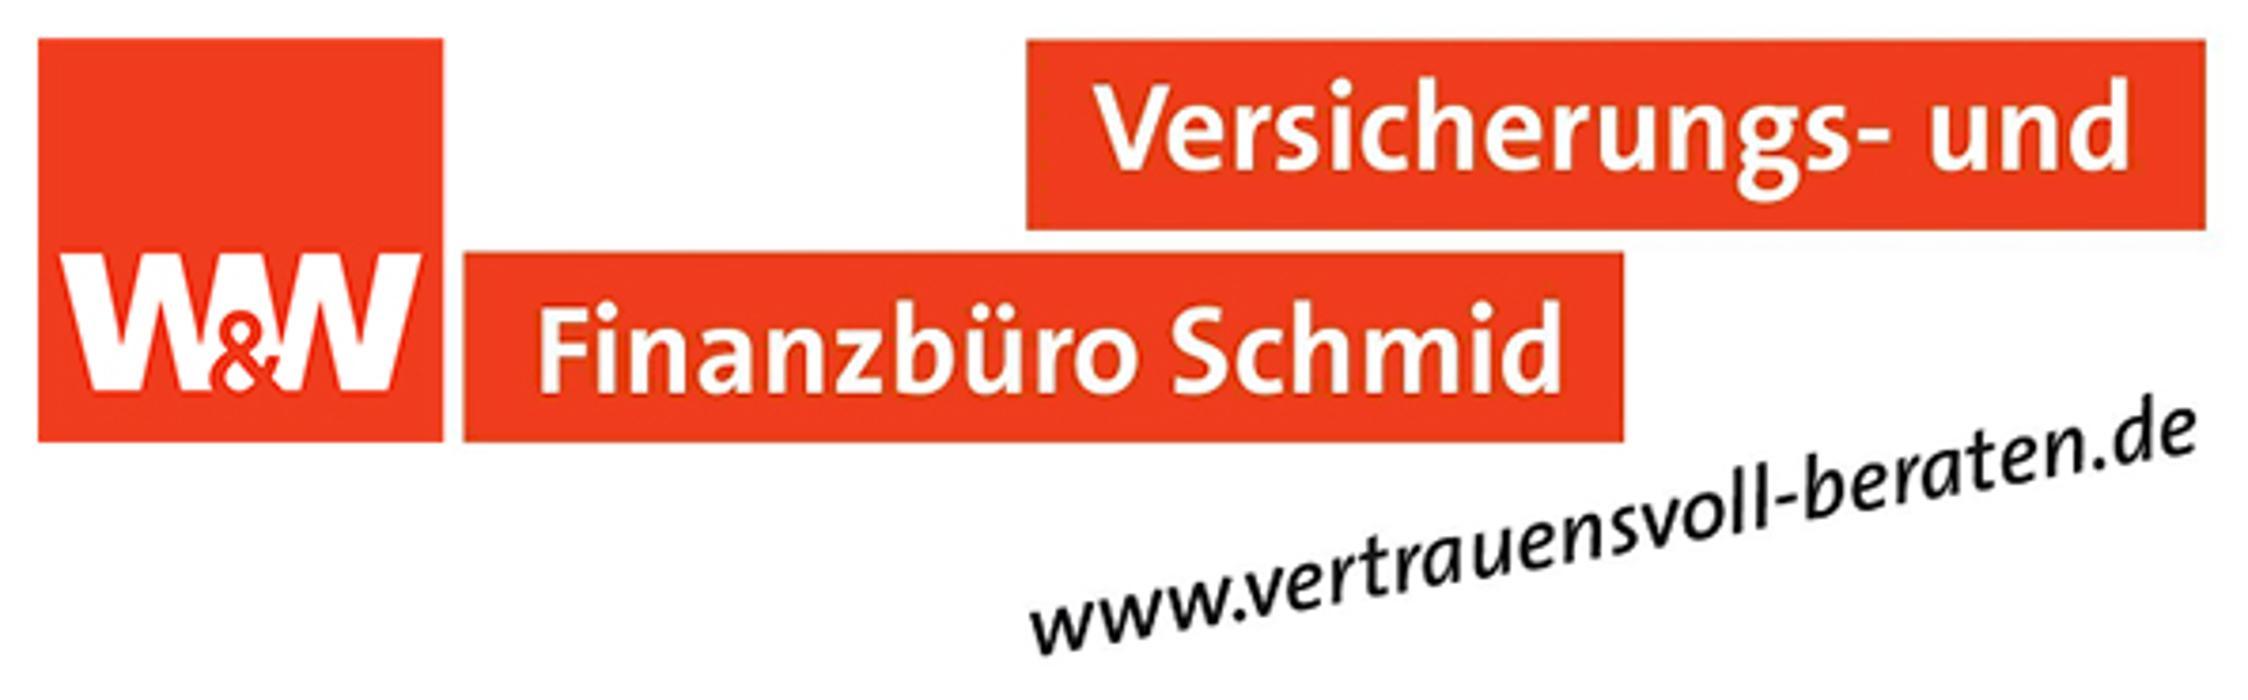 Bild zu Versicherungs- und Finanzbüro Alexander Schmid Generalagentur der Württembergischen Versicherung AG in Wüstenrot